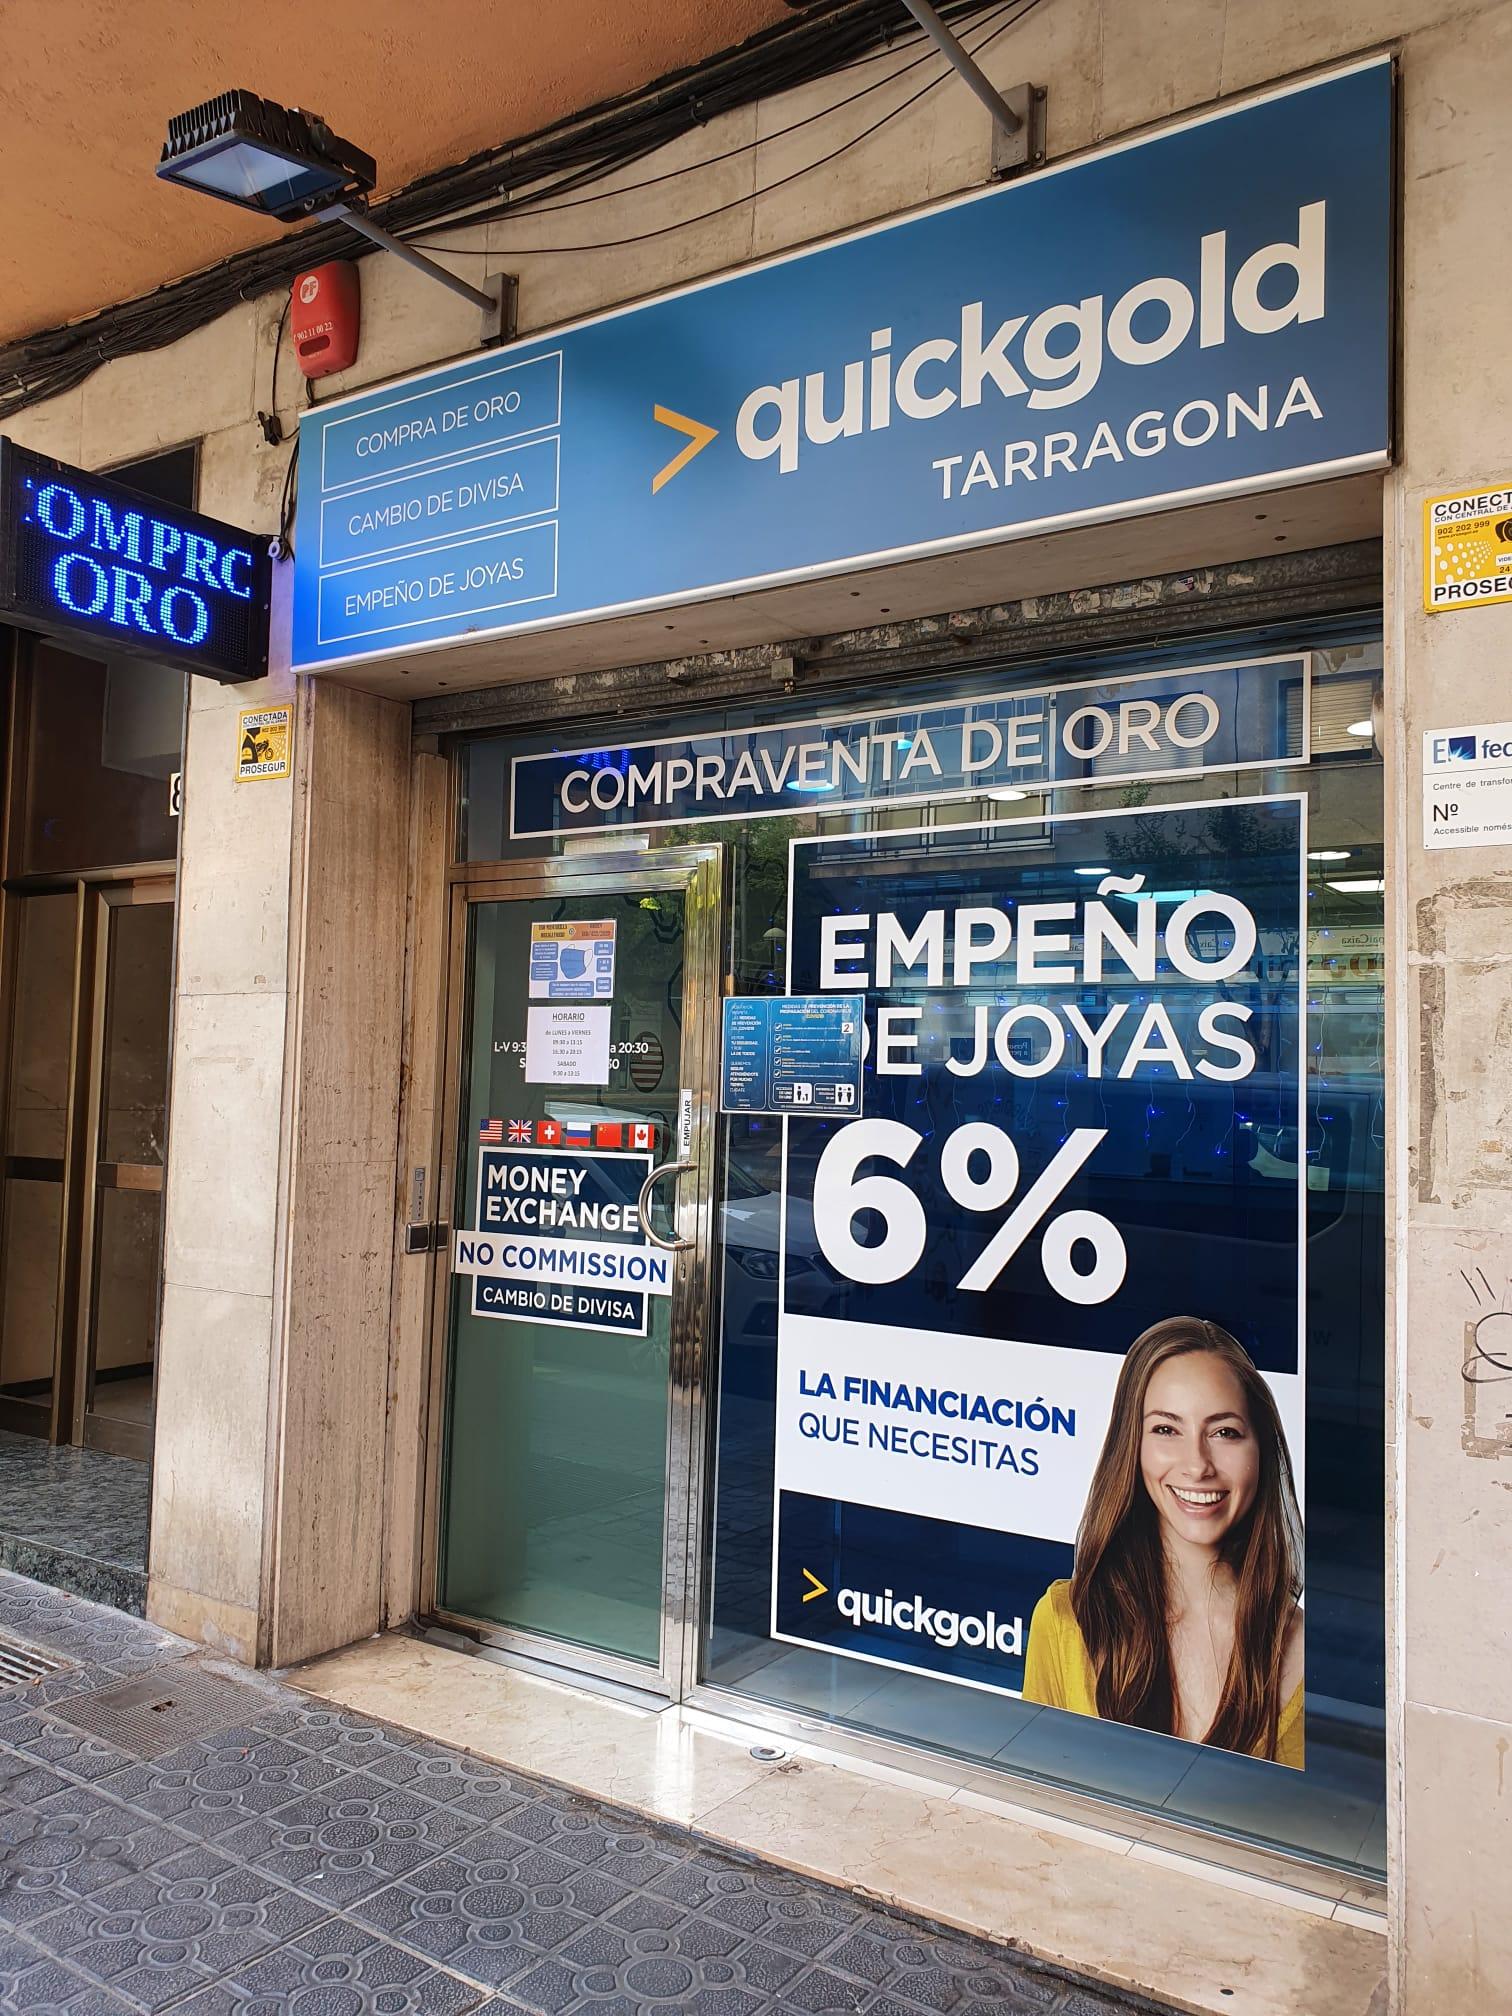 Quickgold tarragona